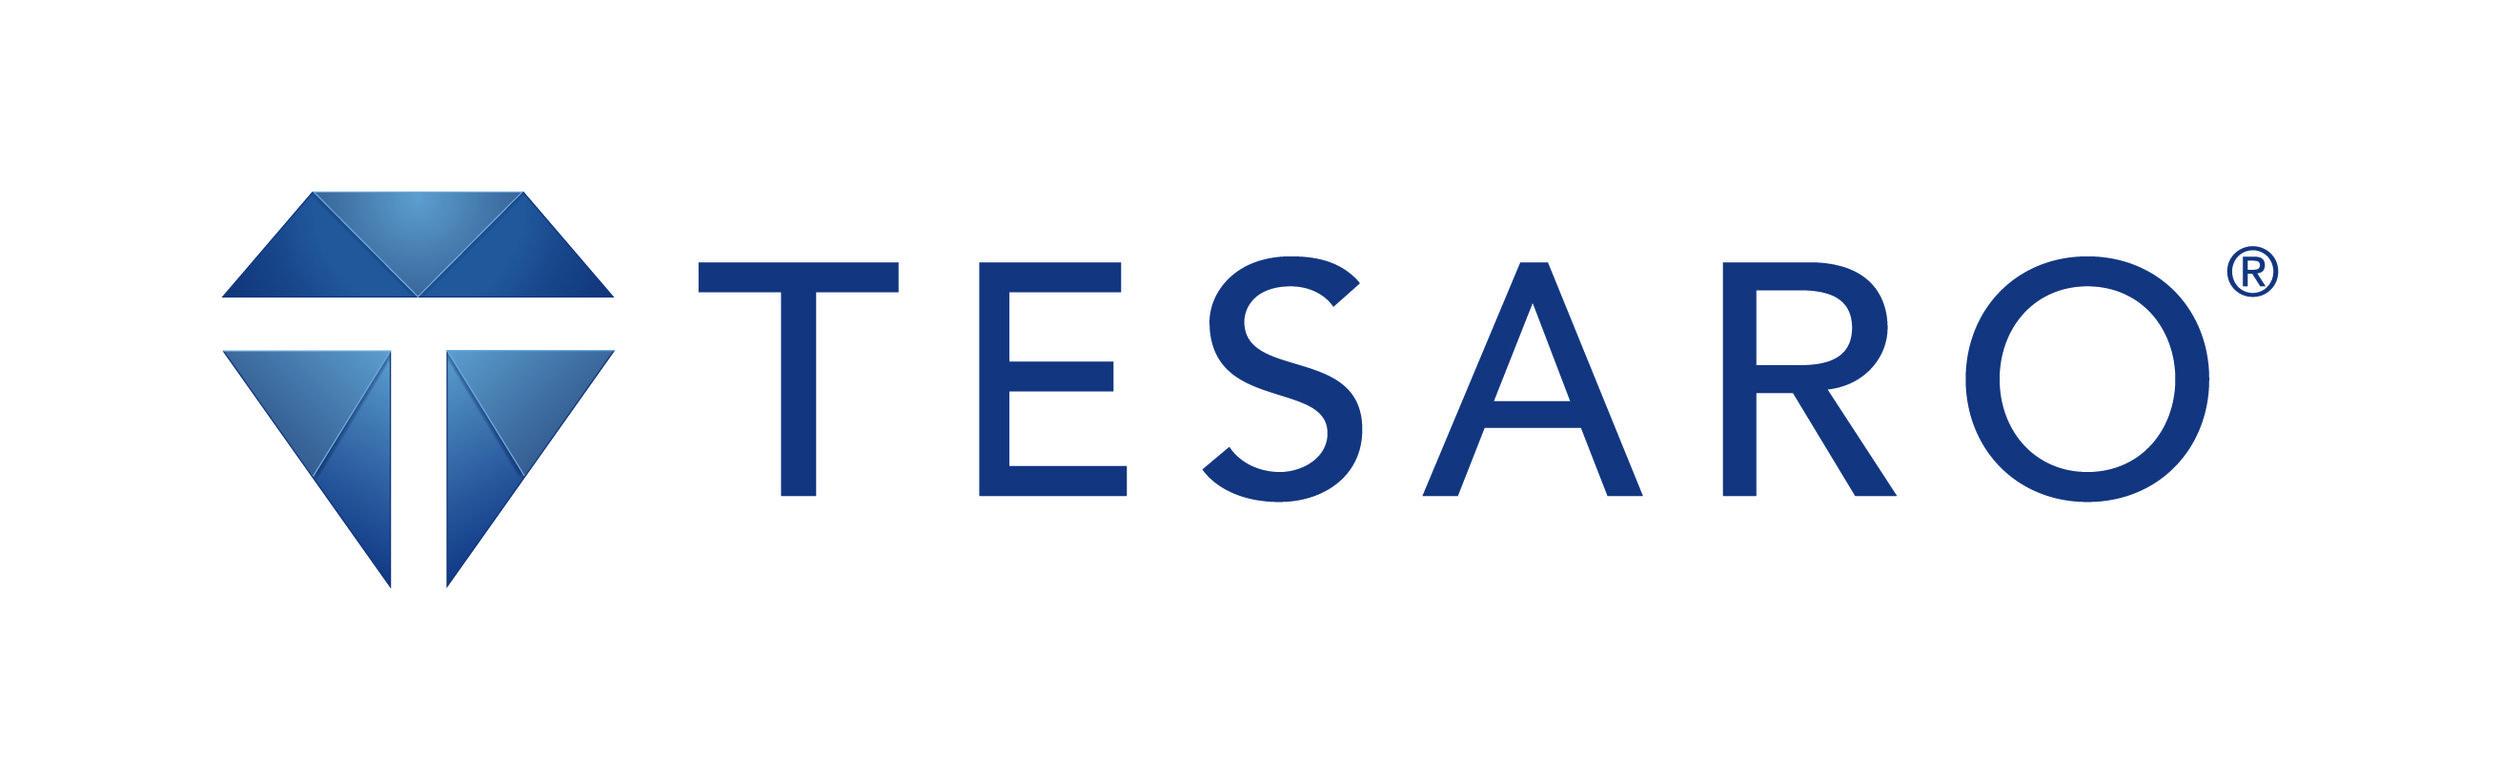 TESARO Logo - JPG.jpg